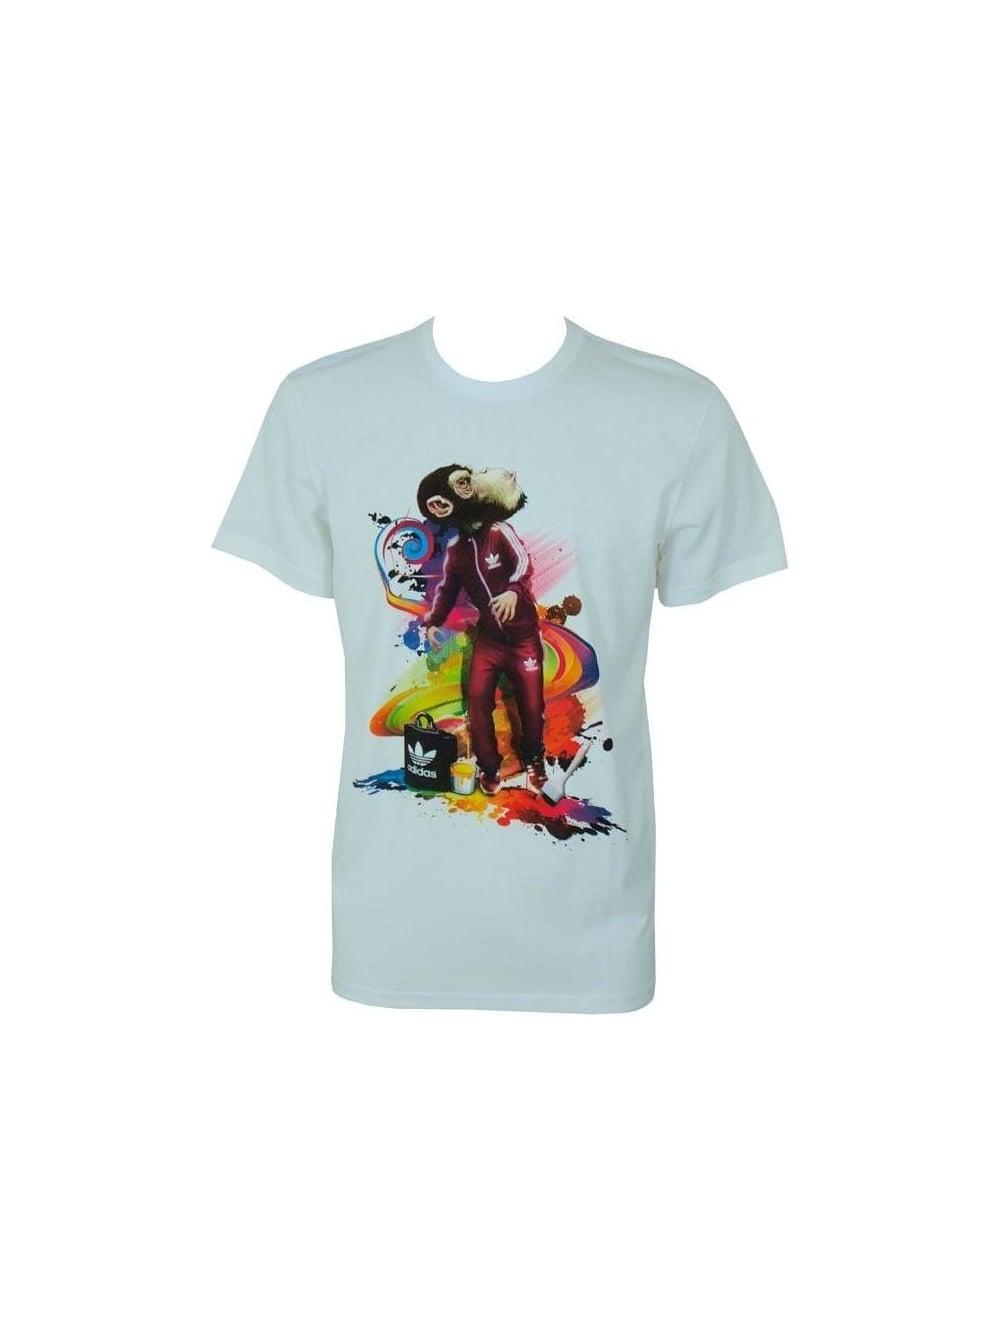 Noorden Adidas Op In Monkey Witte Het Winkel originelen G T shirt OvmnN80w